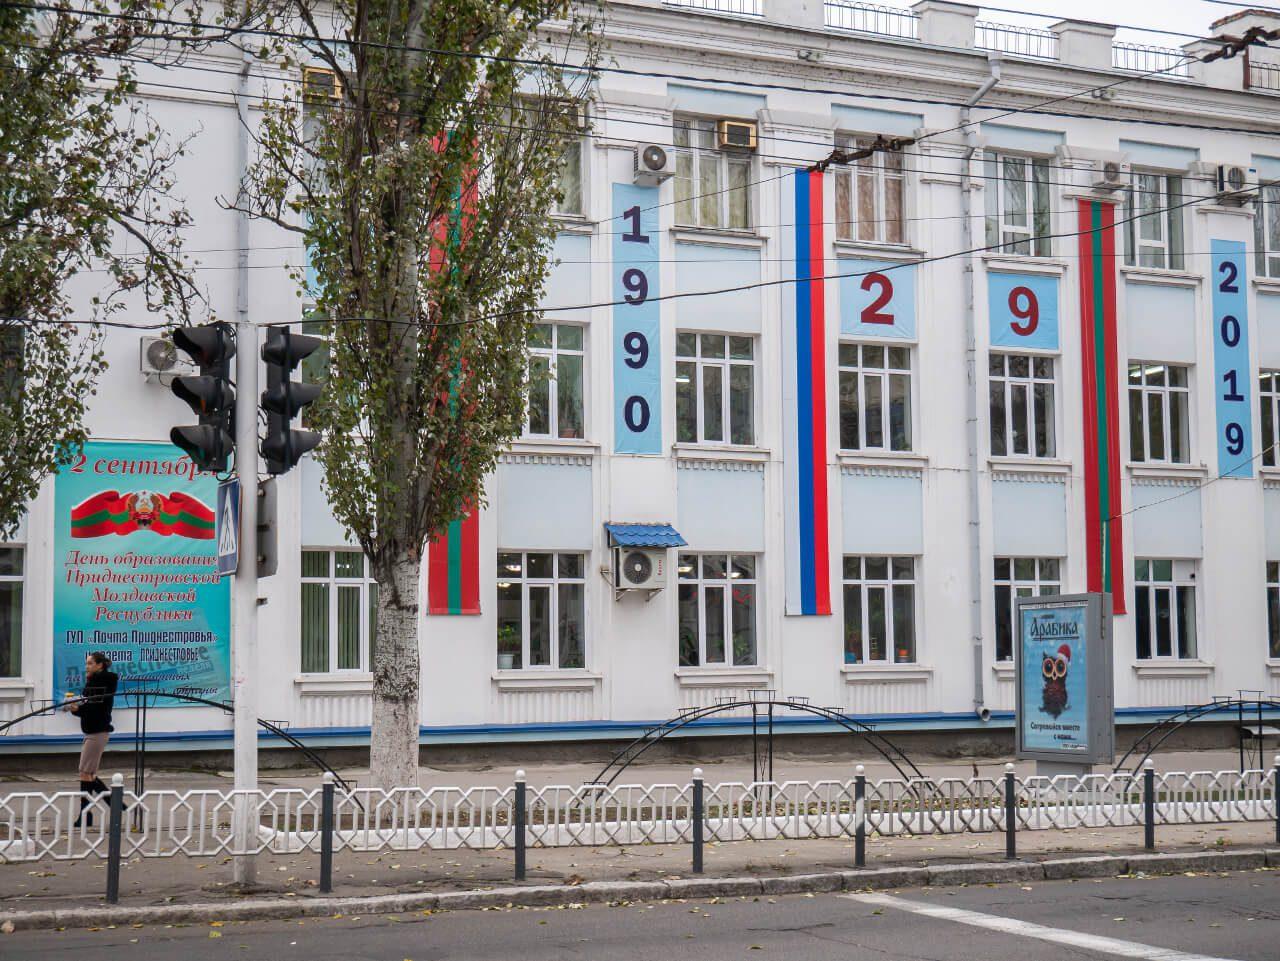 Dekoracja z okazji 29-lecia istnienia Naddniestrzańskiej Republiki Mołdawskiej